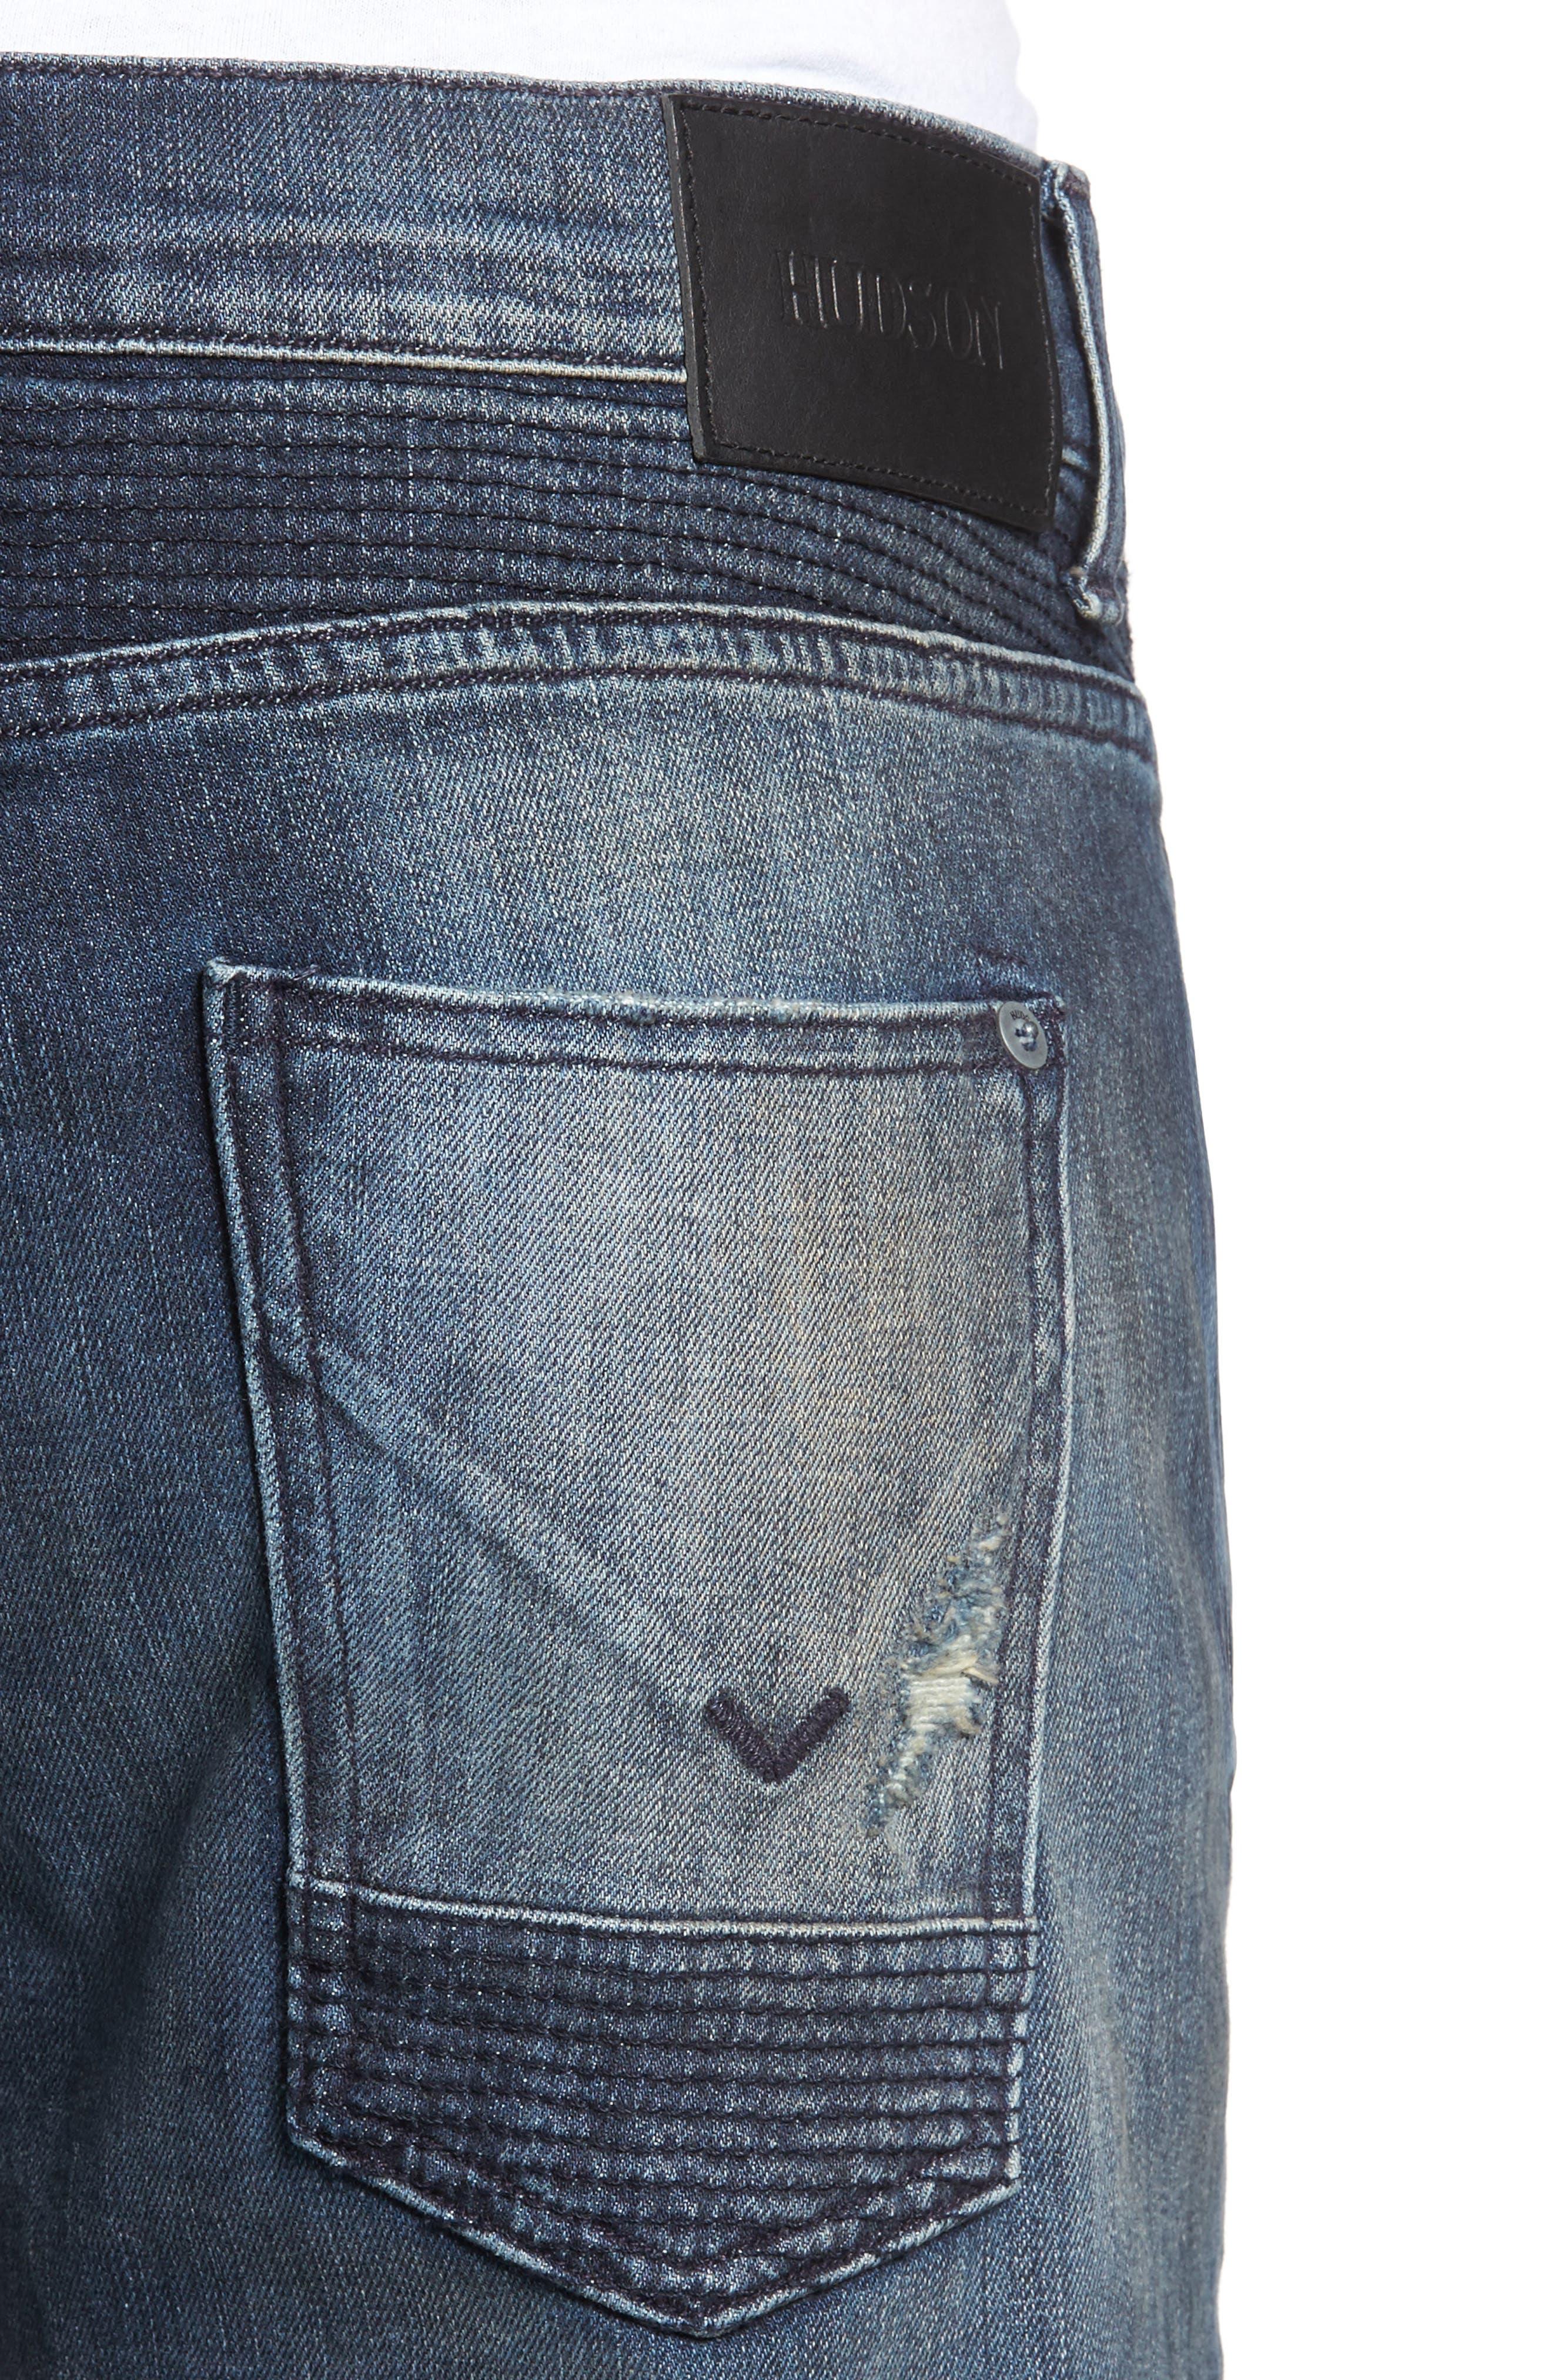 Blinder Biker Moto Skinny Fit Jeans,                             Alternate thumbnail 4, color,                             Babylon